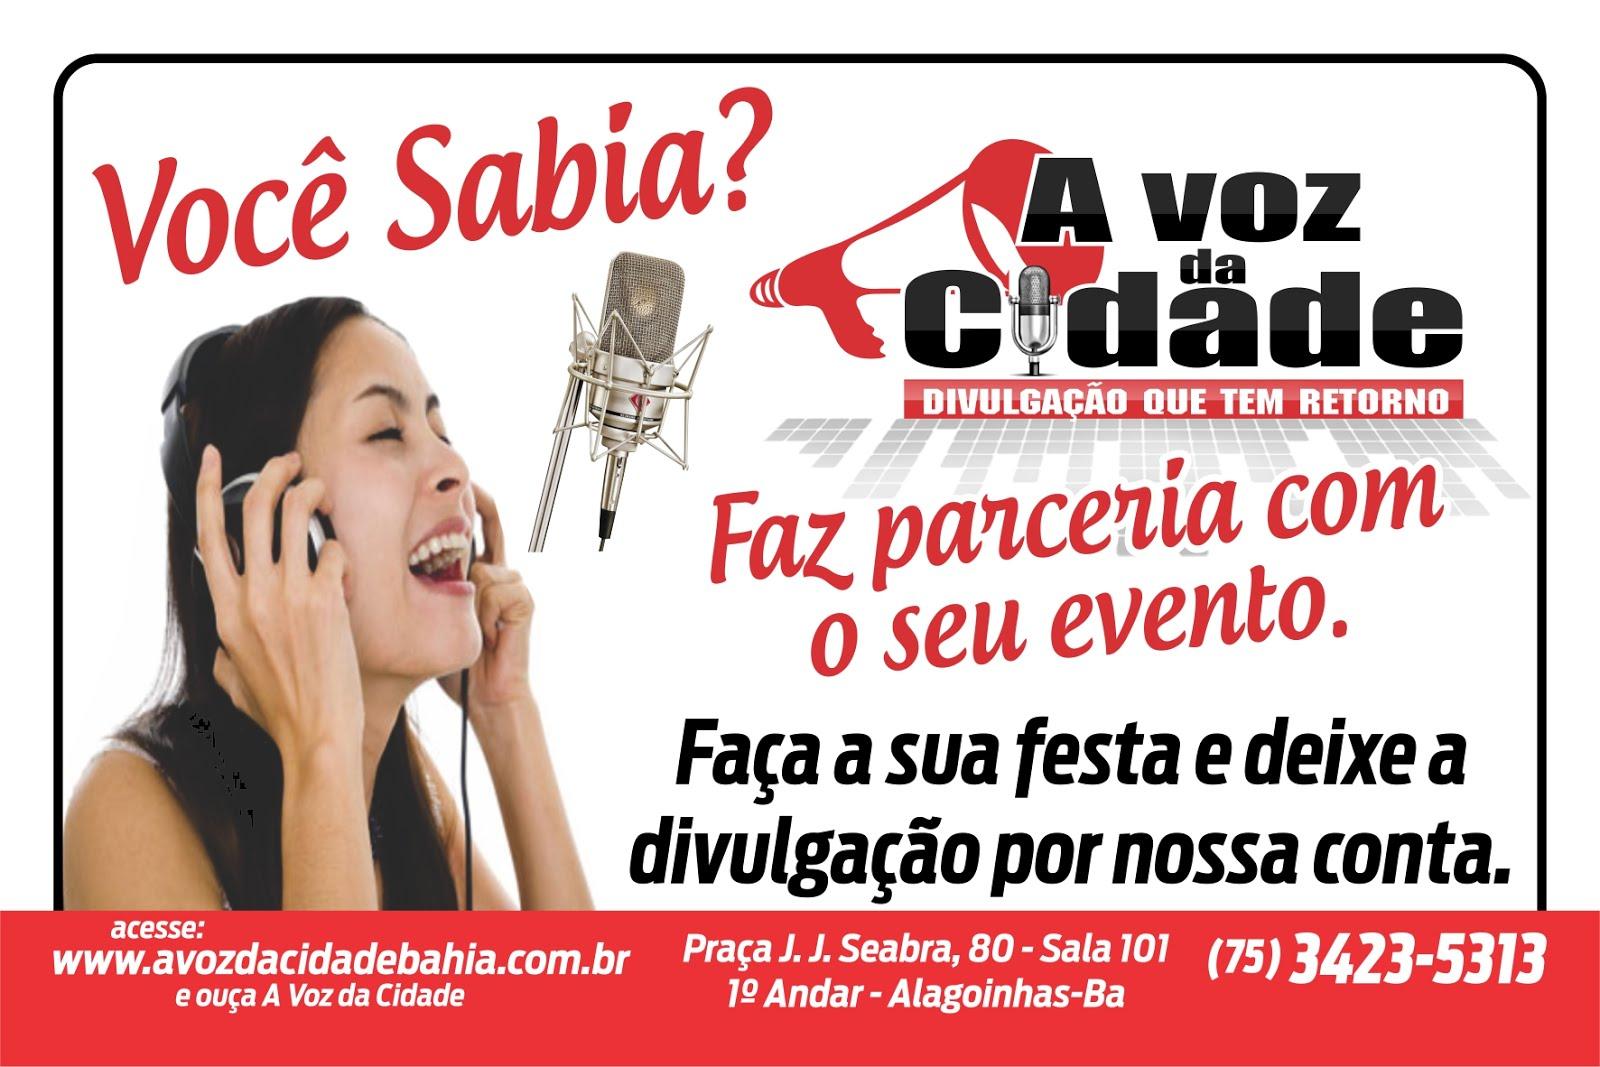 A voz da cidade